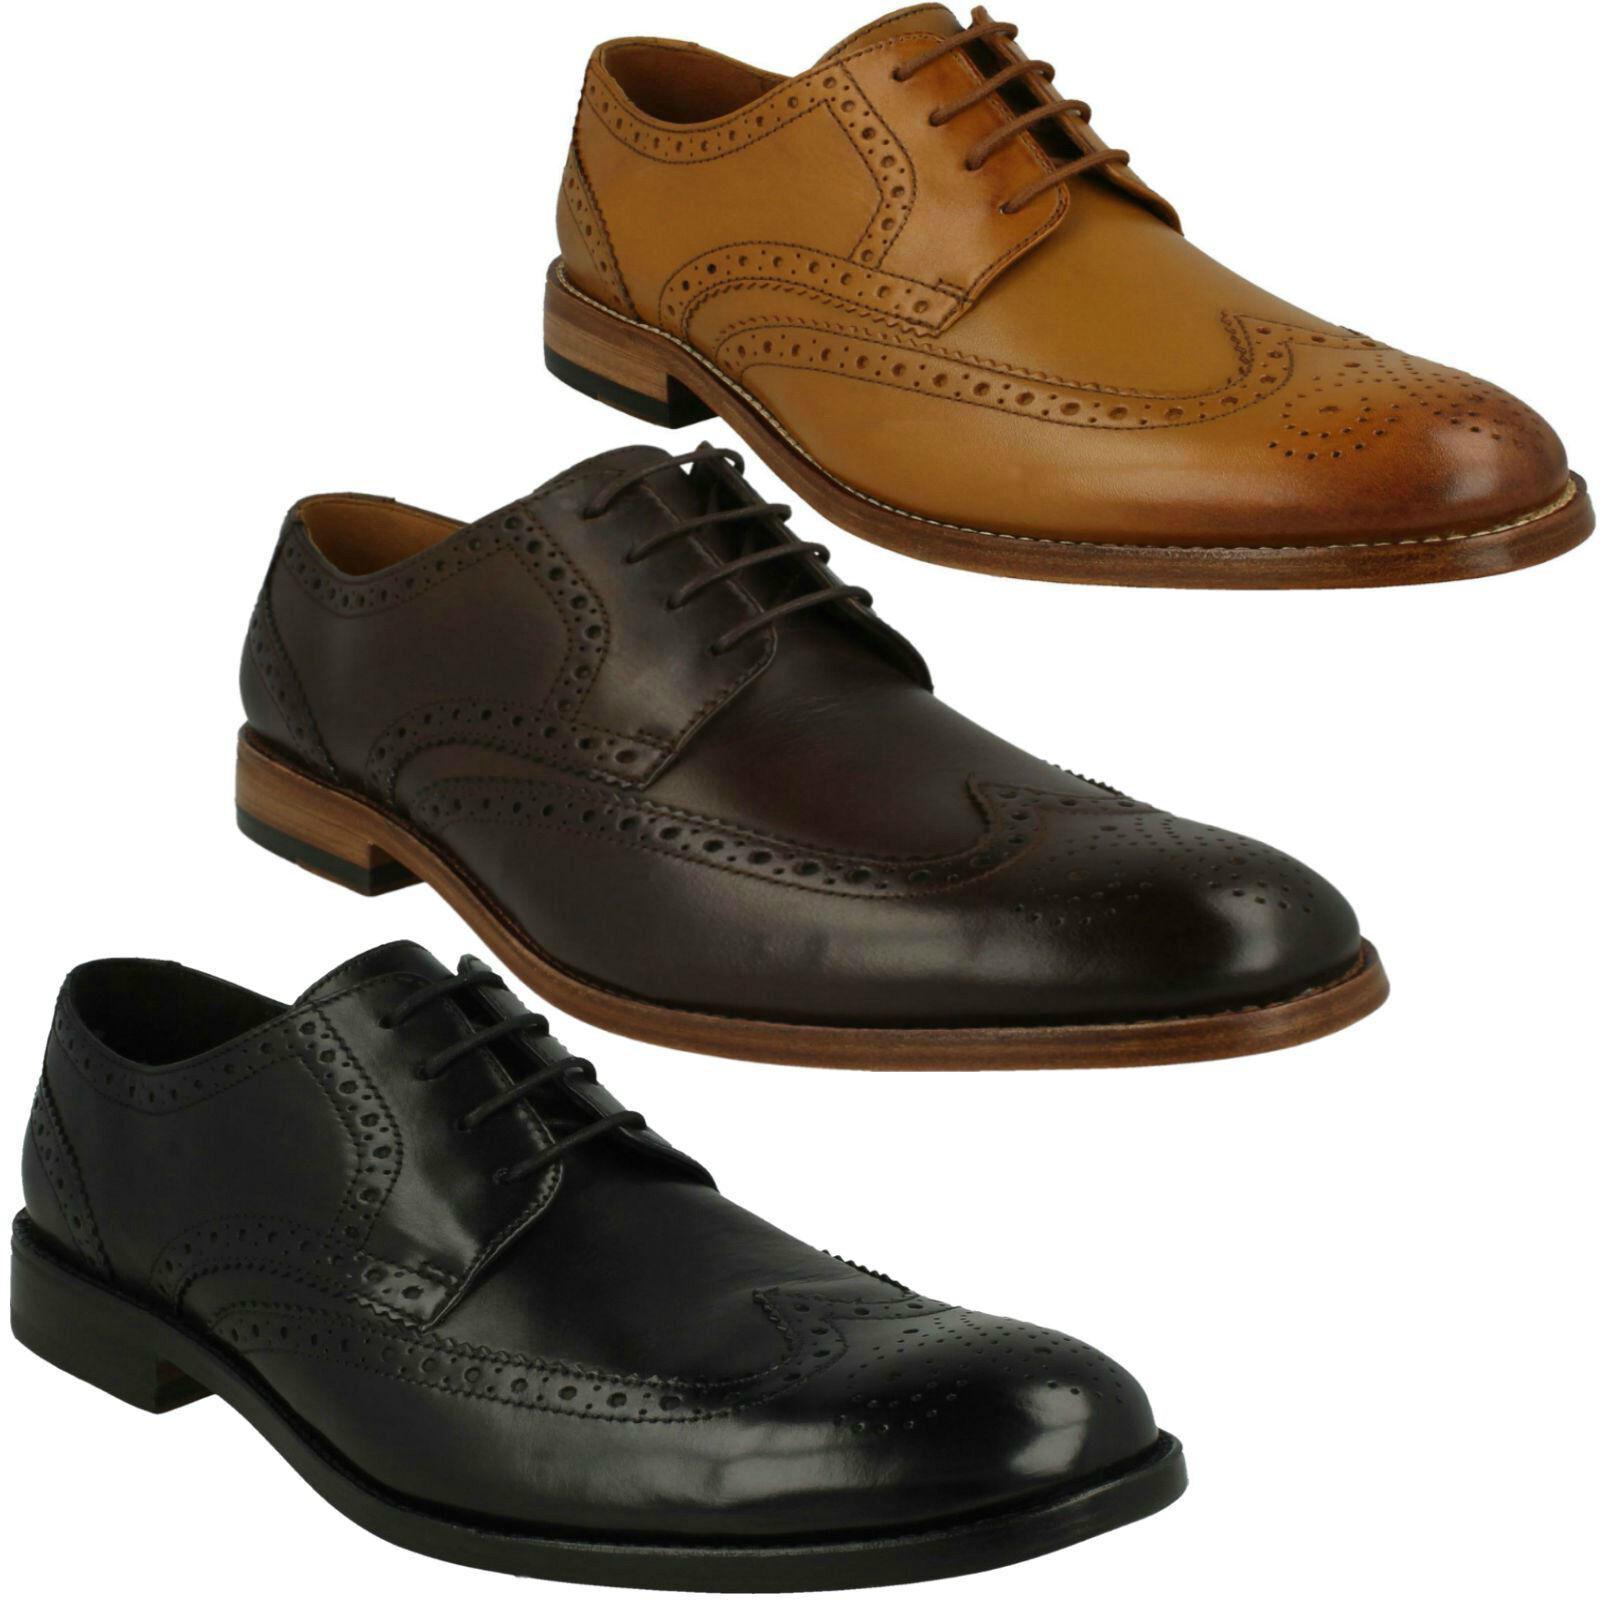 Clarks Hombre James Wing Cordones de Cuero Estilo Formal Zapatos para Oficina